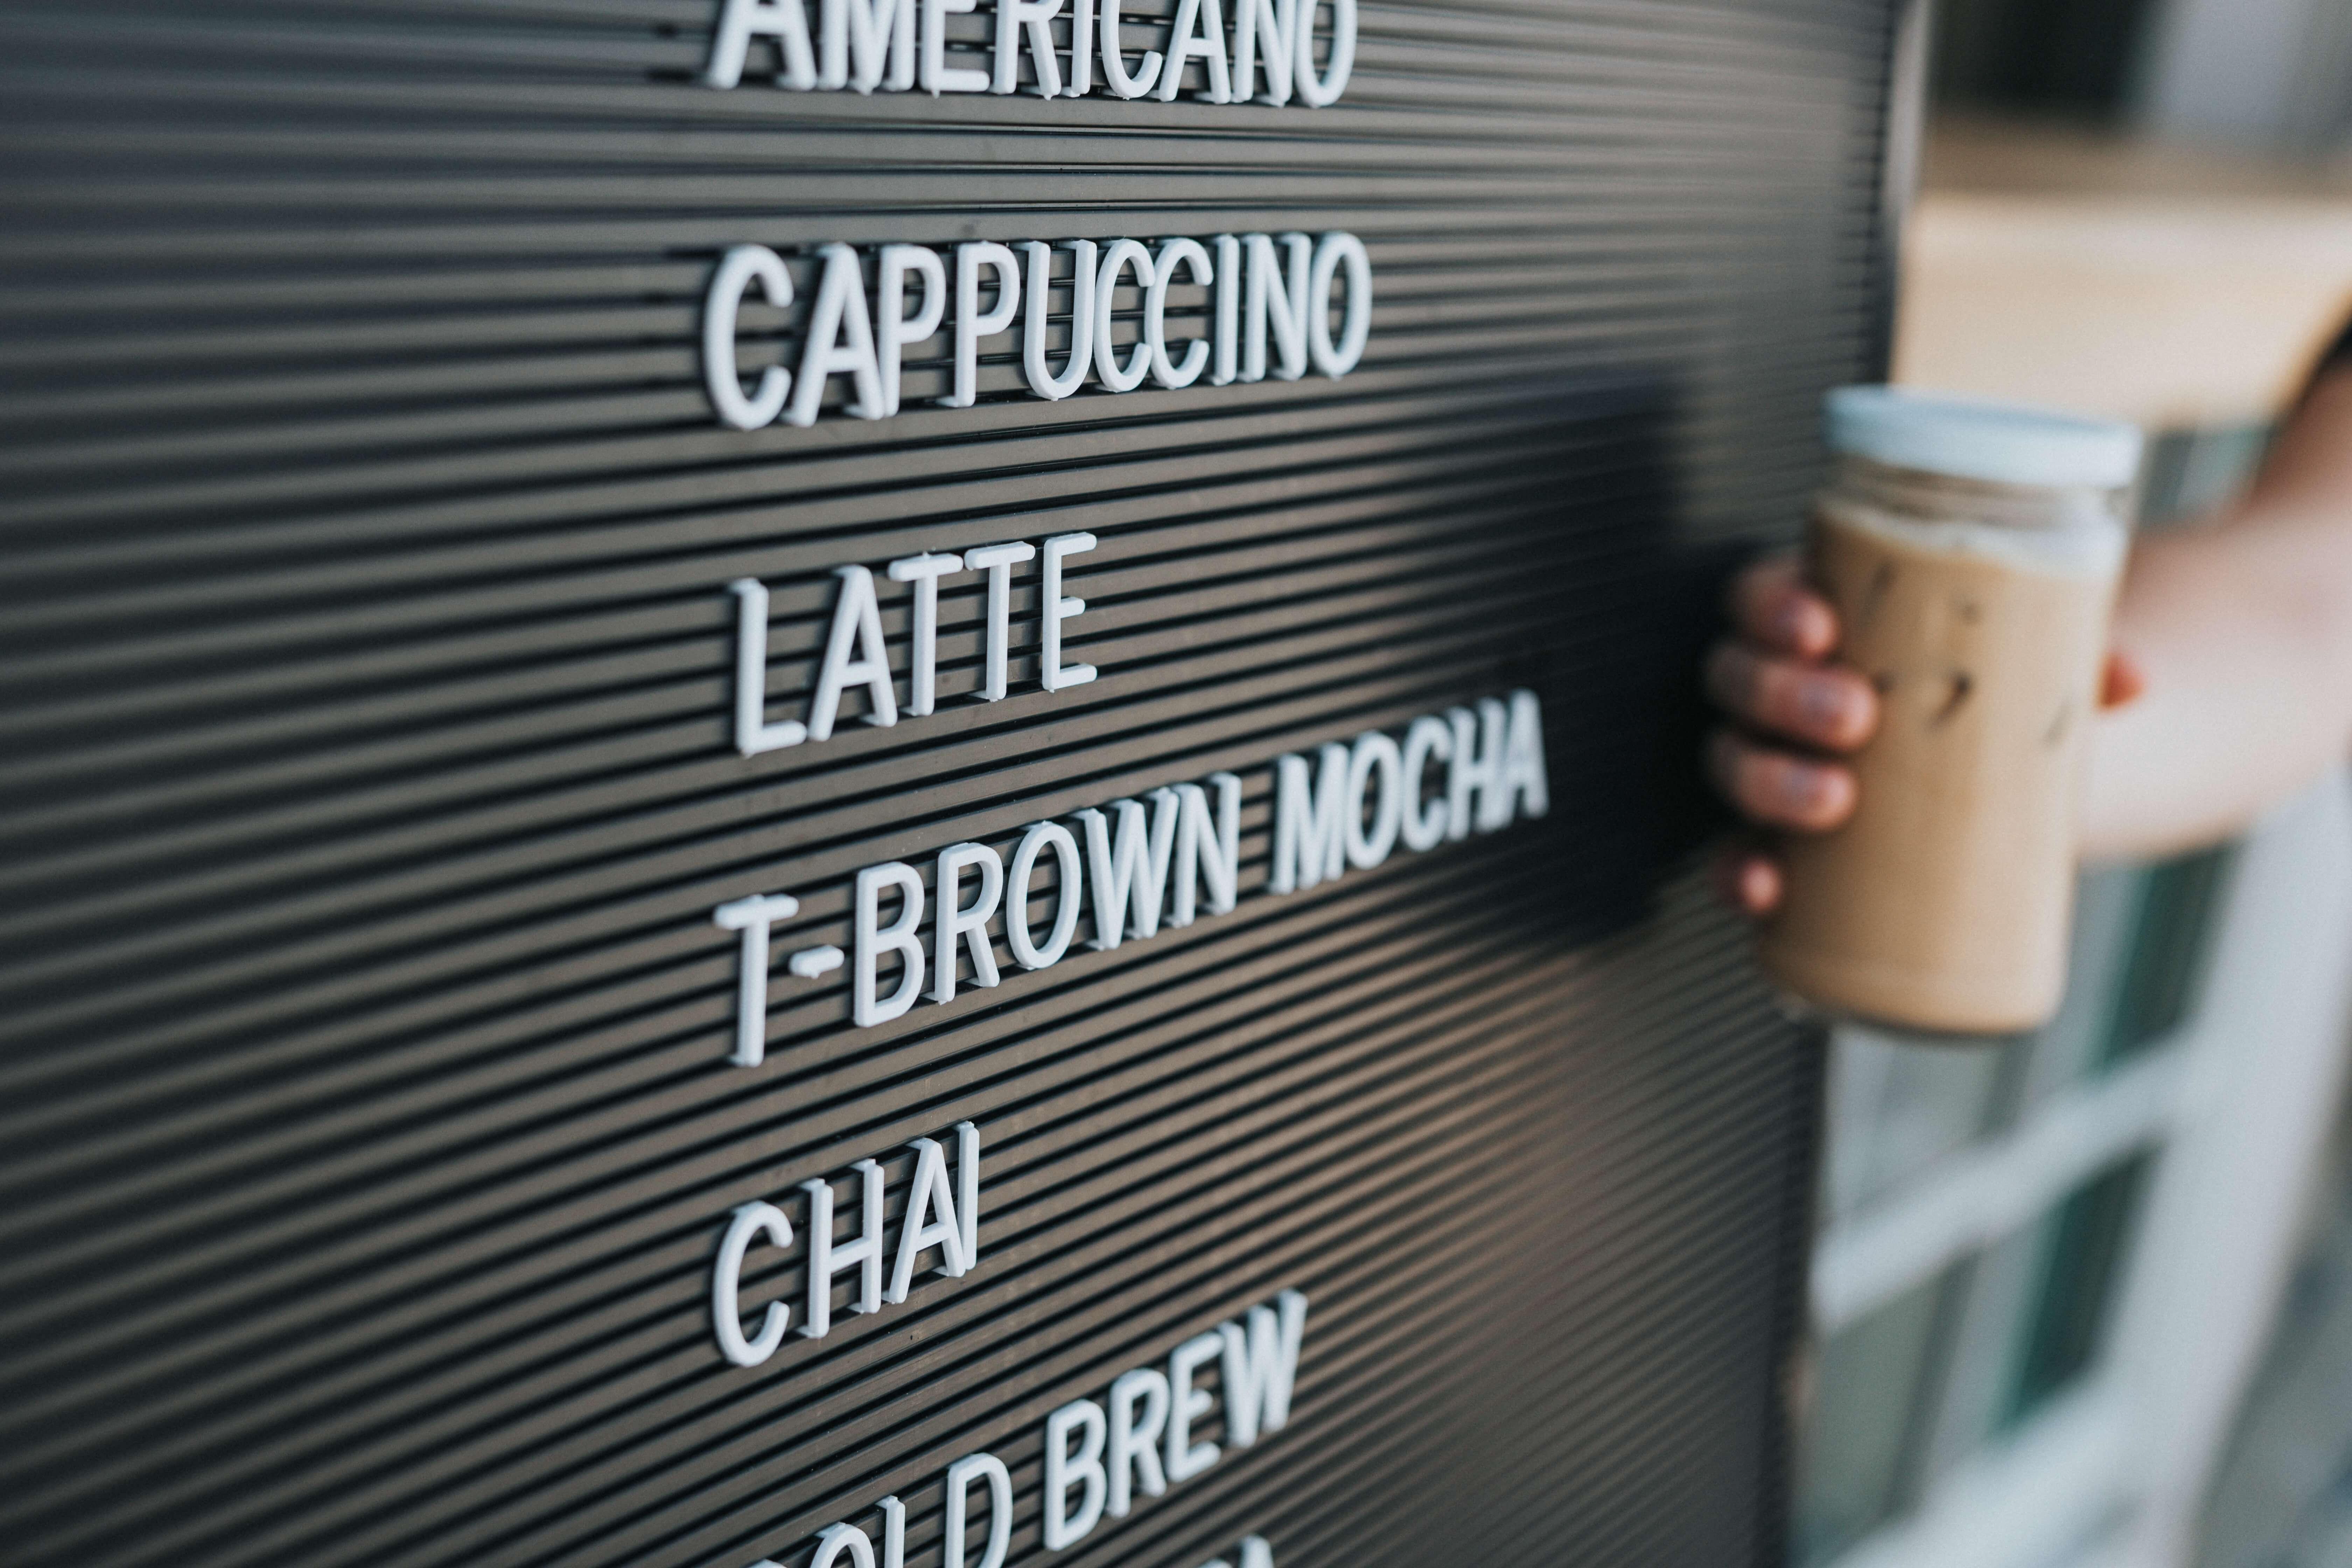 tipos de cafe vendidos nos EUA